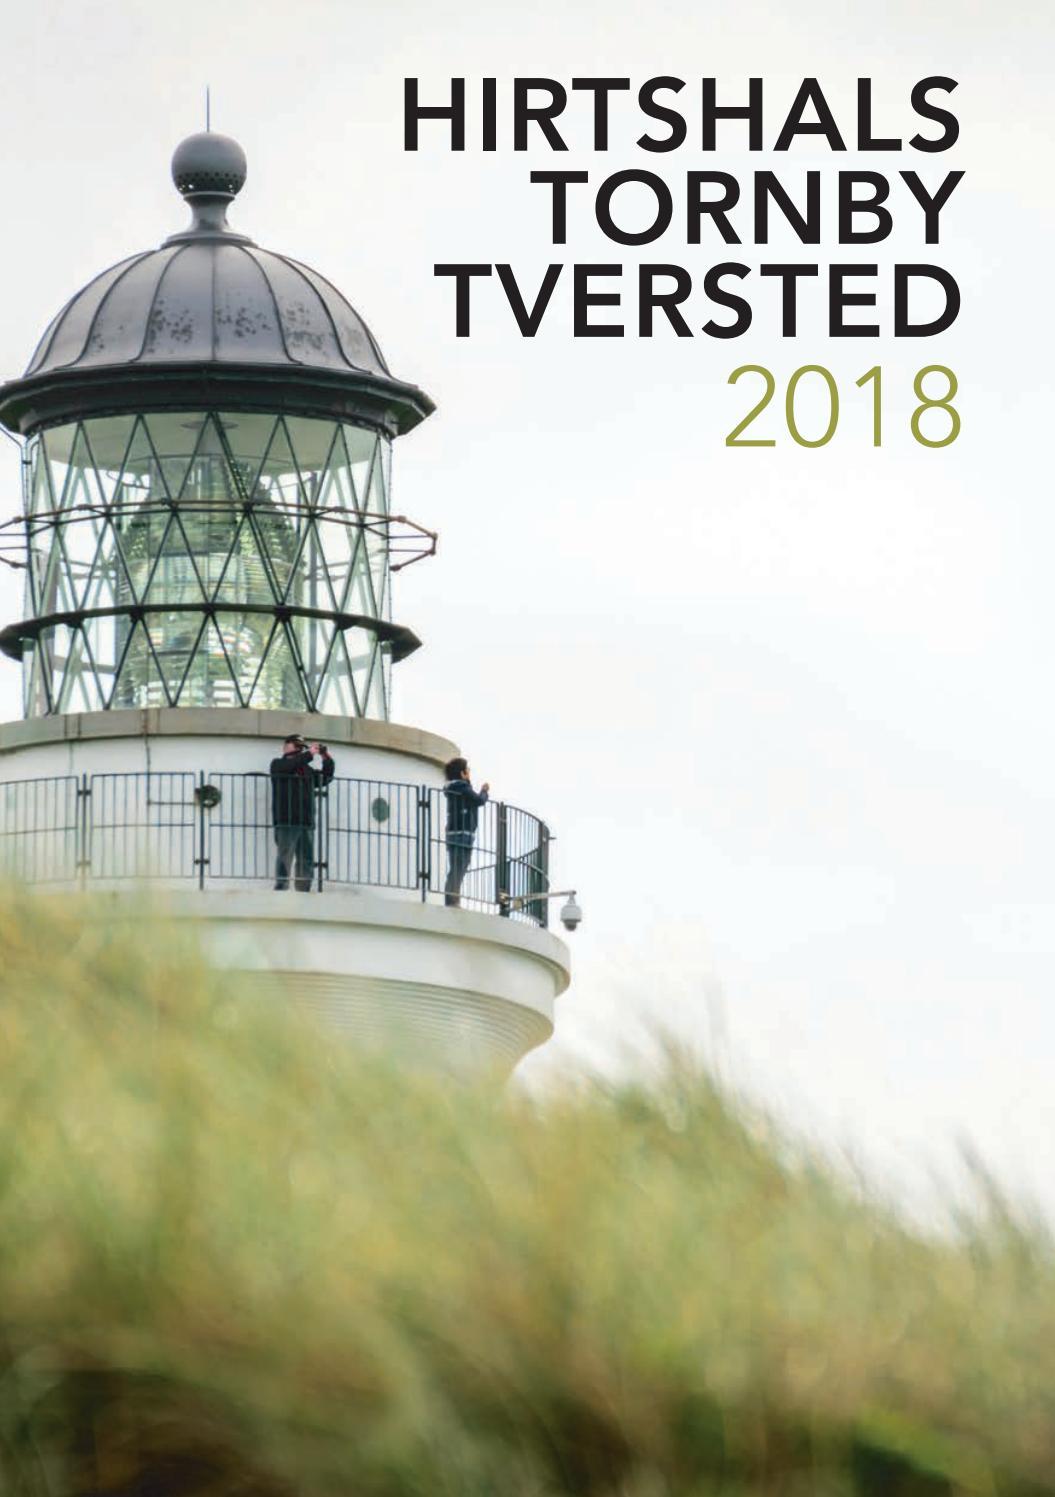 Hirtshals, Tornby & Tversted guide 2018 by visithirtshals - Issuu